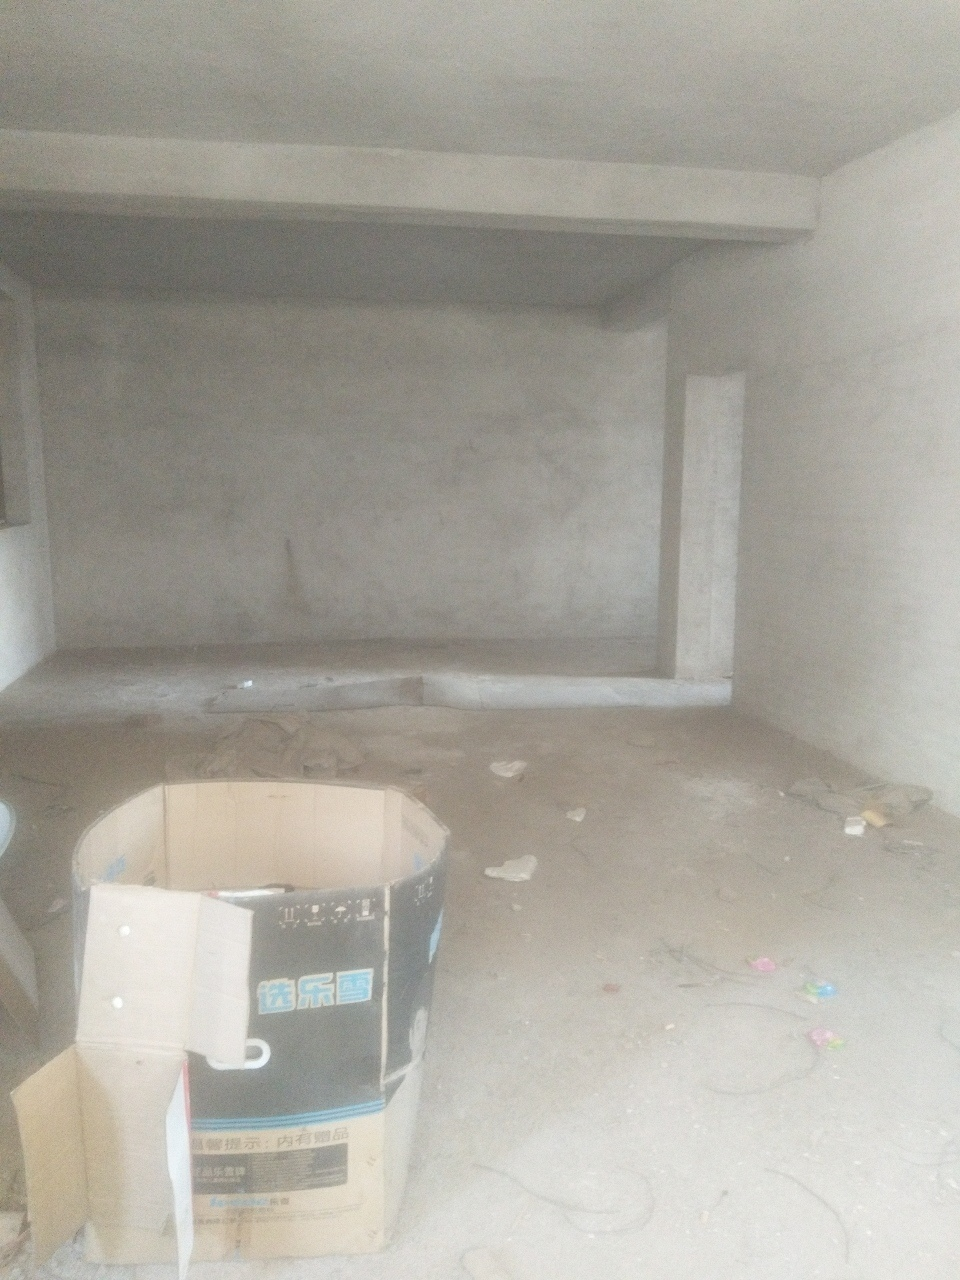 河邊街3室2廳2衛毛坯房,邊套,僅售56萬元